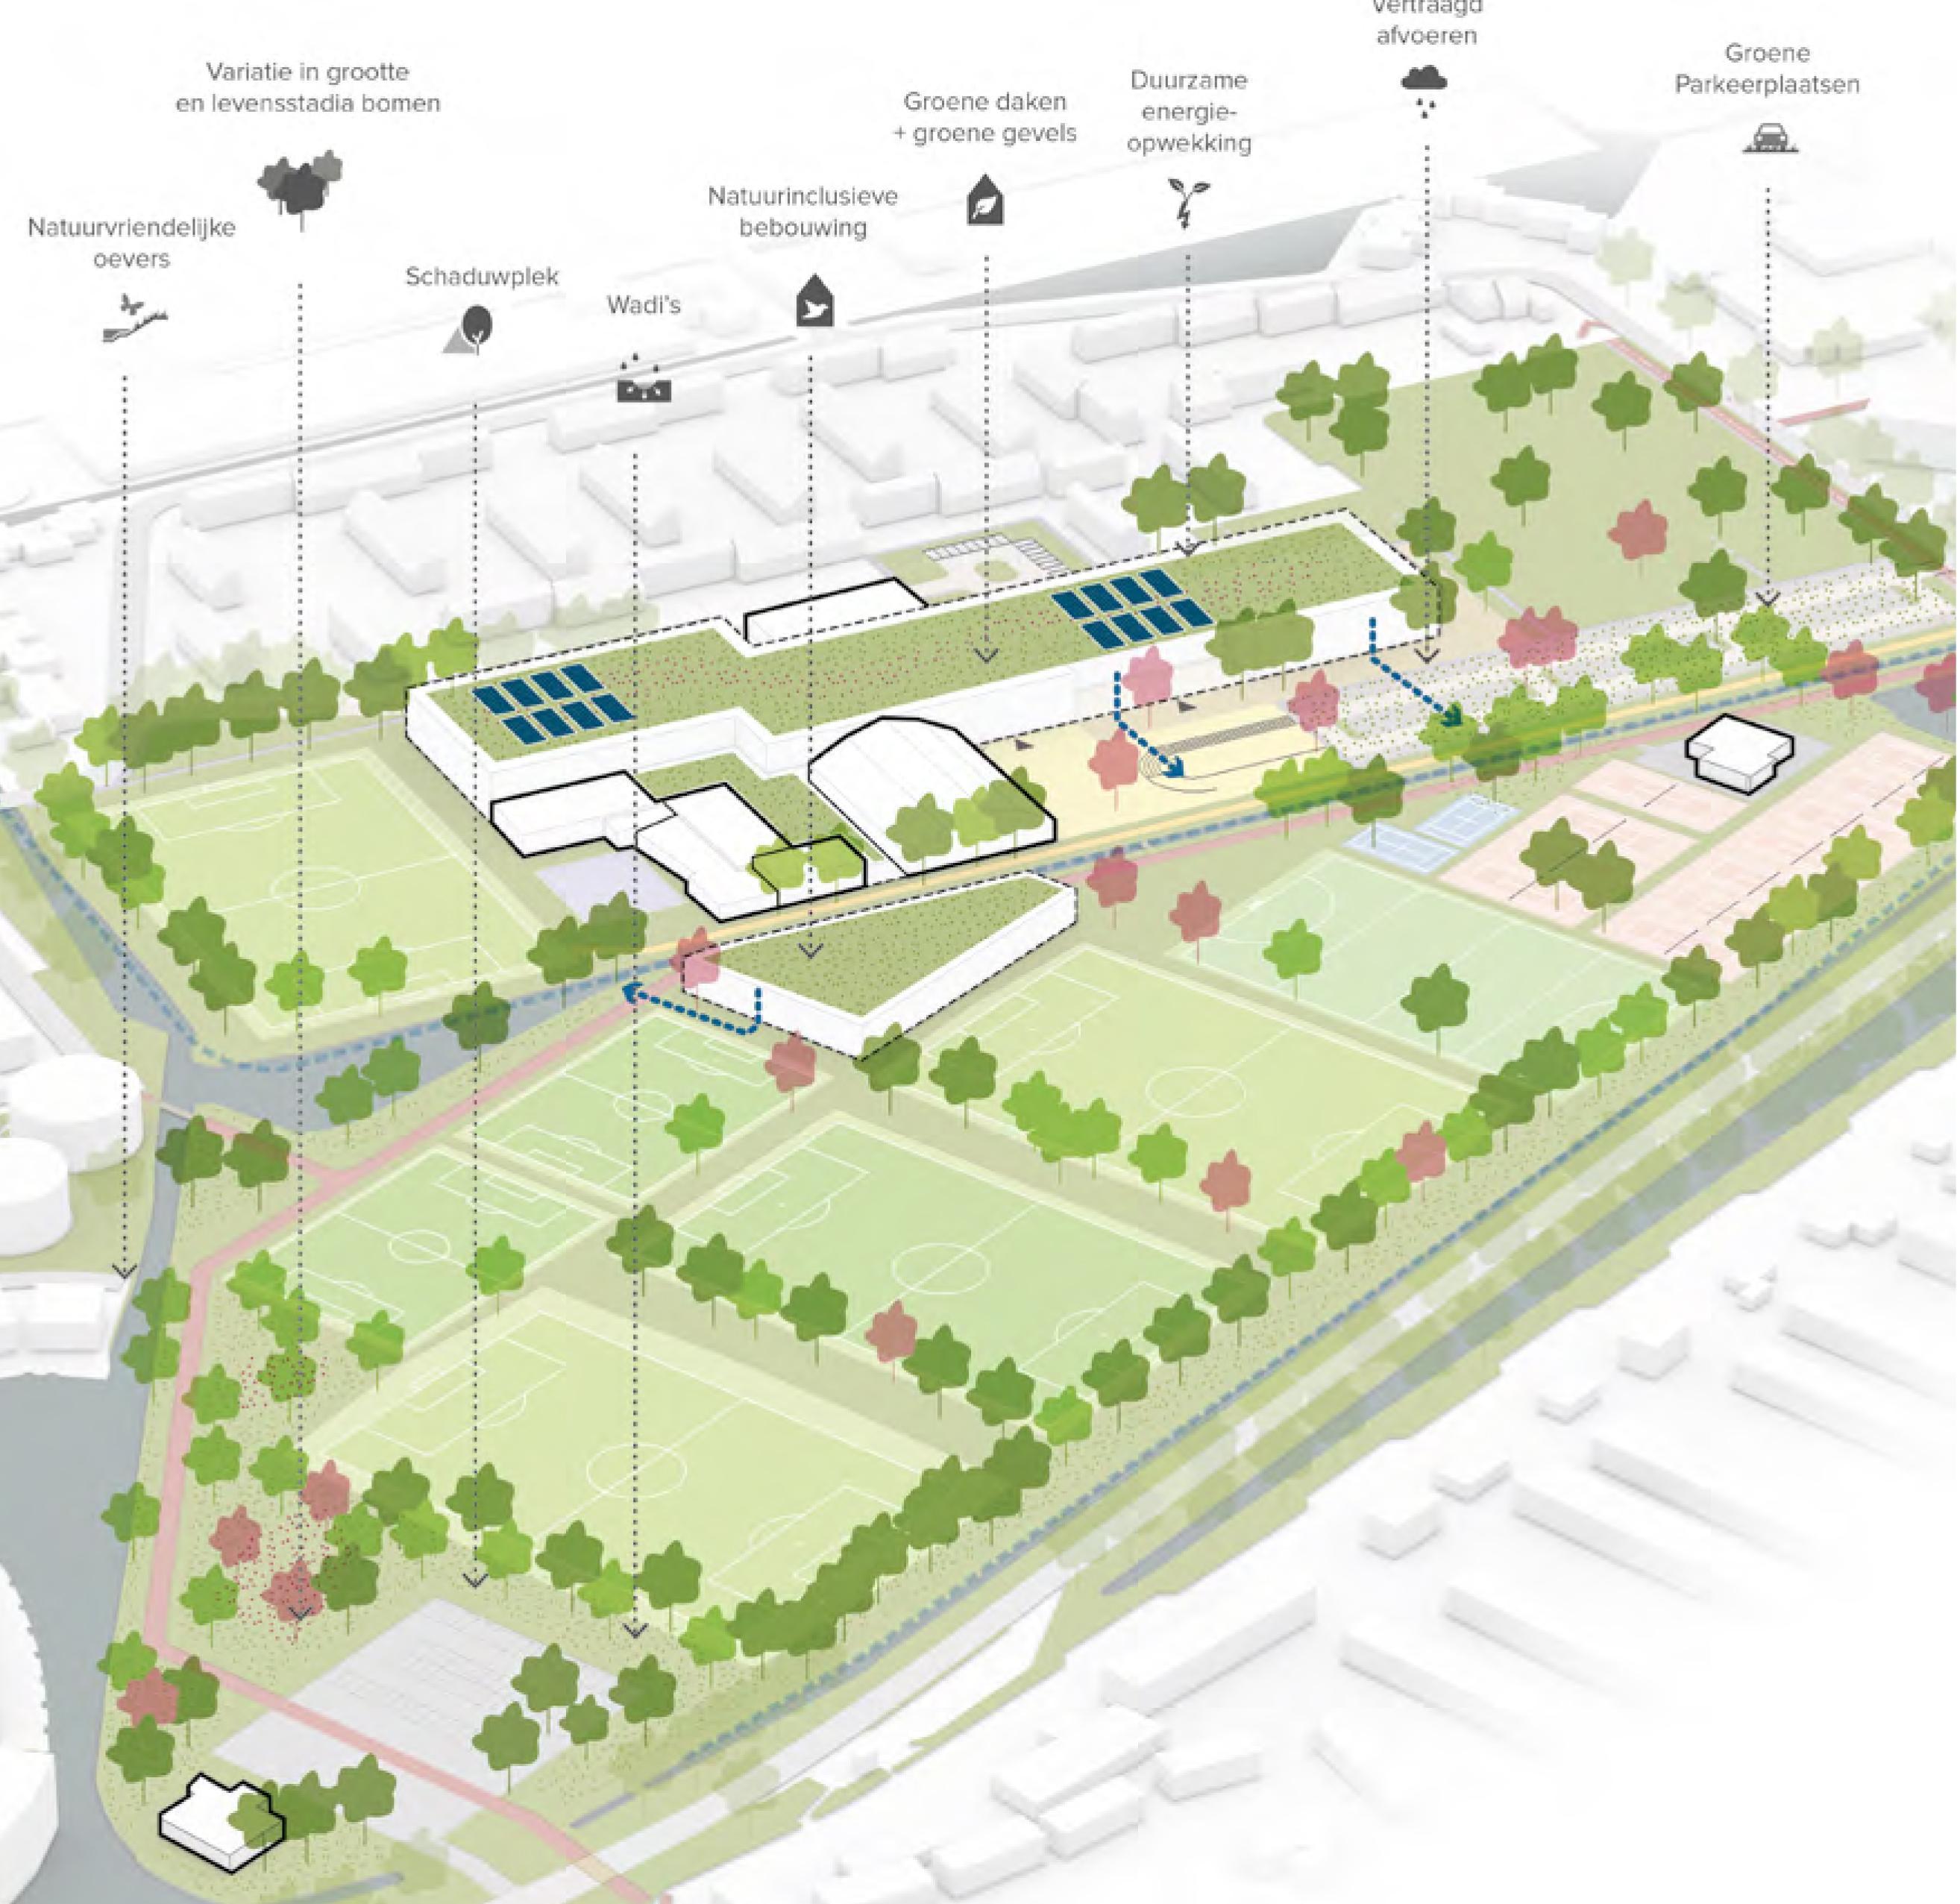 Plek gevonden voor nieuwe Tweesprong en een Integraal Kindcentrum langs Sportpad Roelofarendsveen